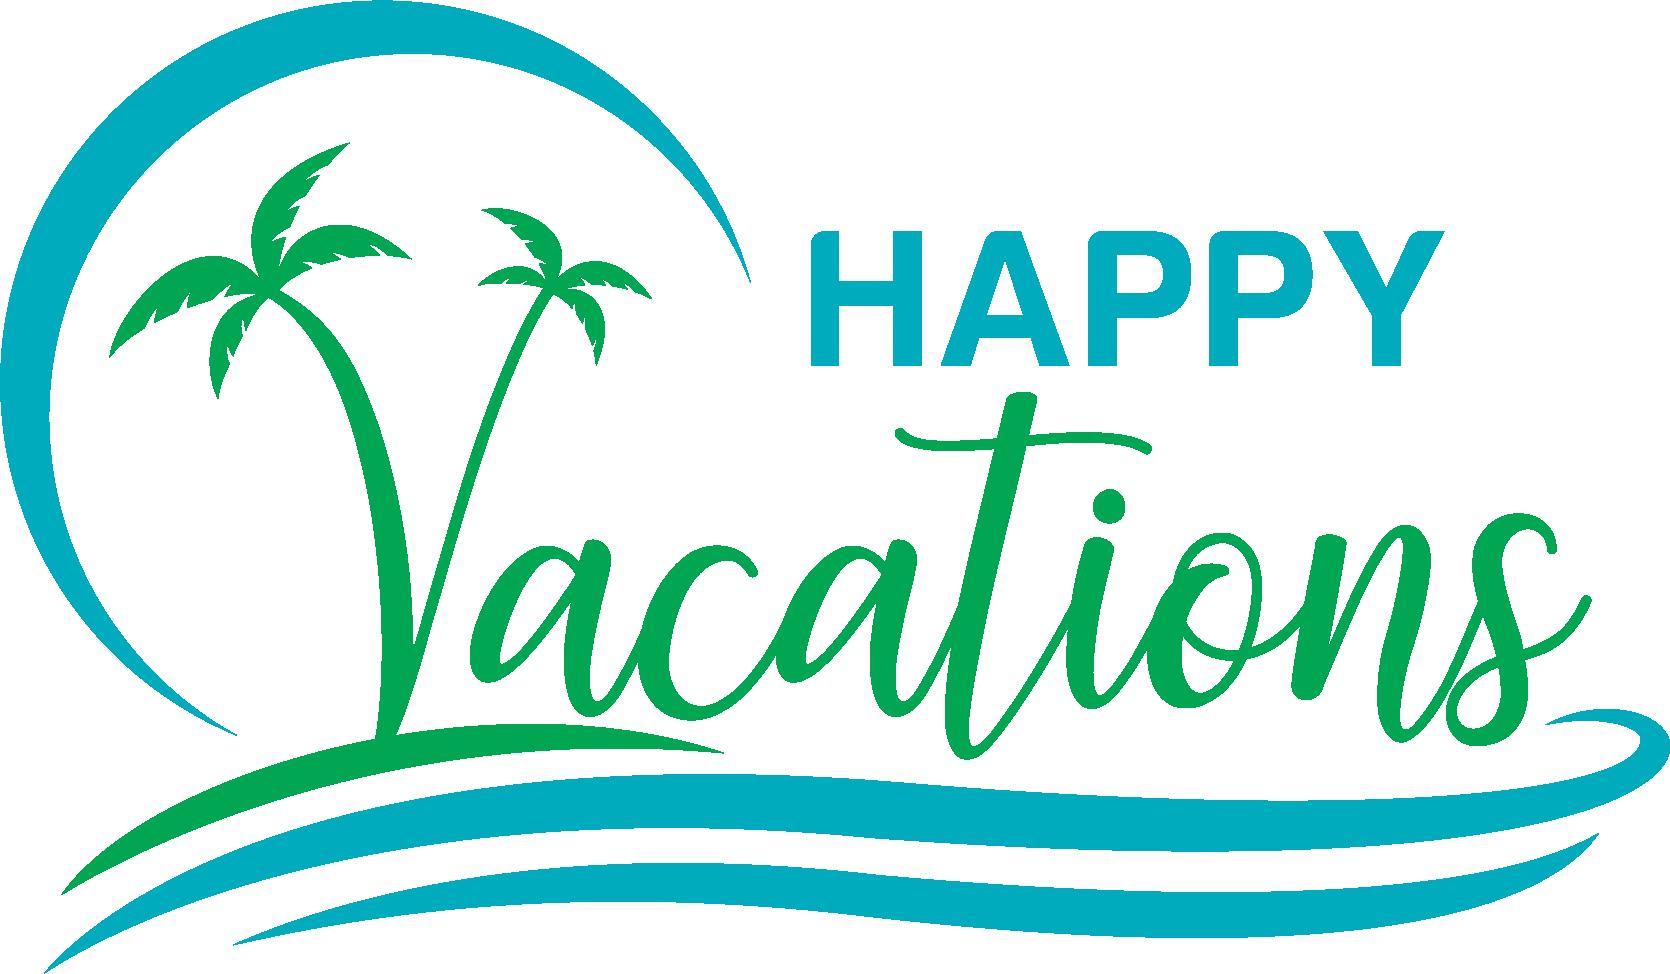 Happy Vacations